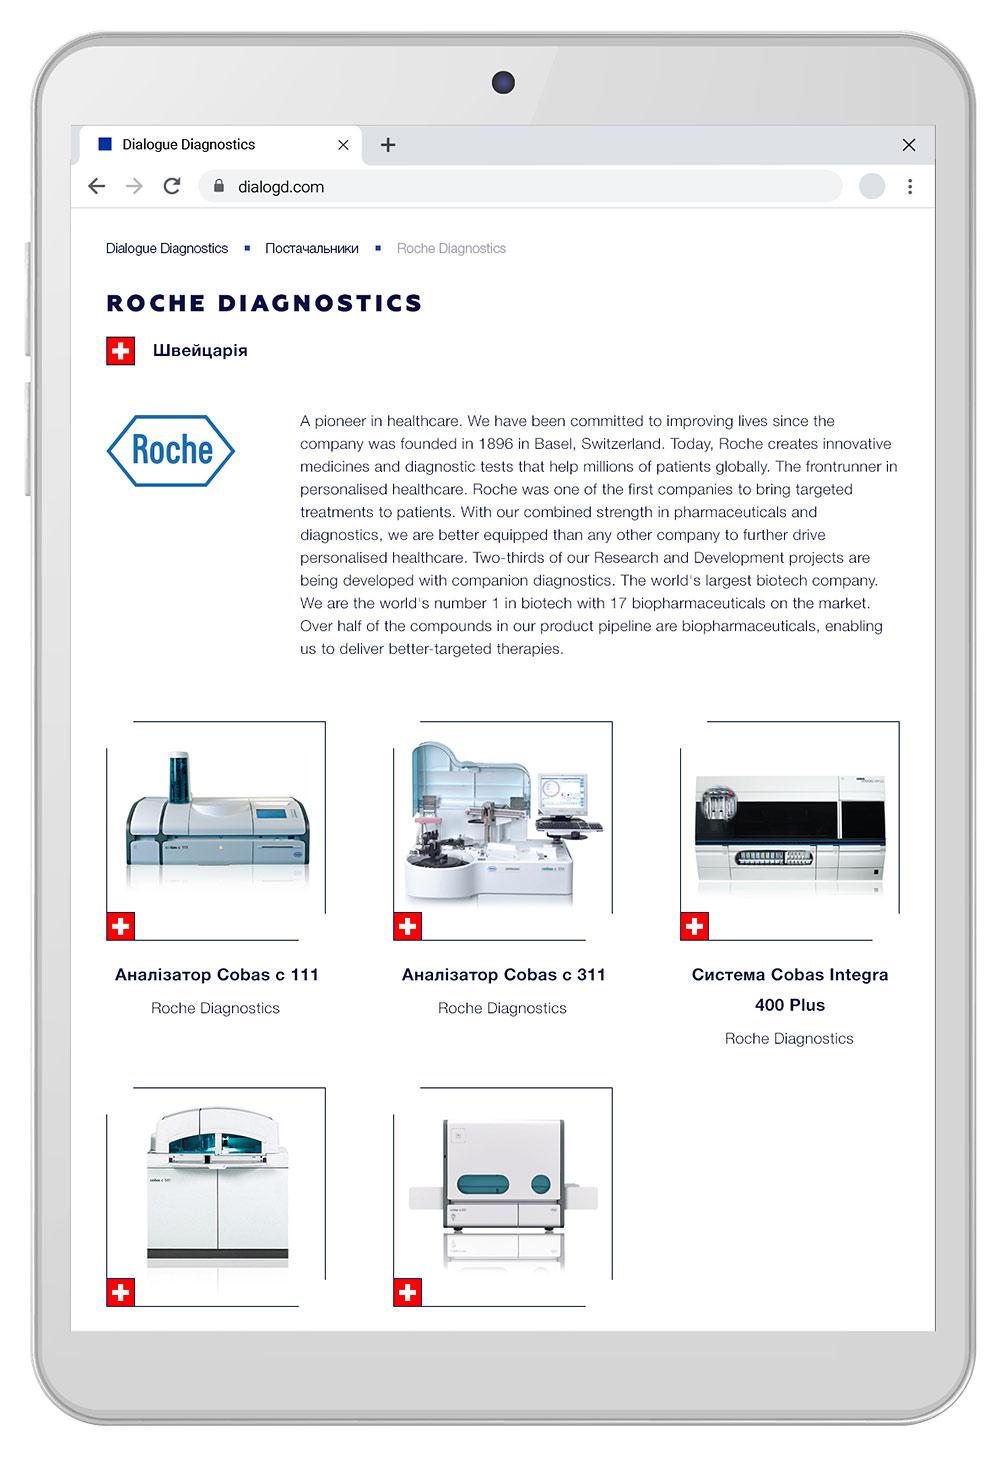 Дизайн сайта Dialogue Diagnostics (Диалог Диагностикс). Поставщики.